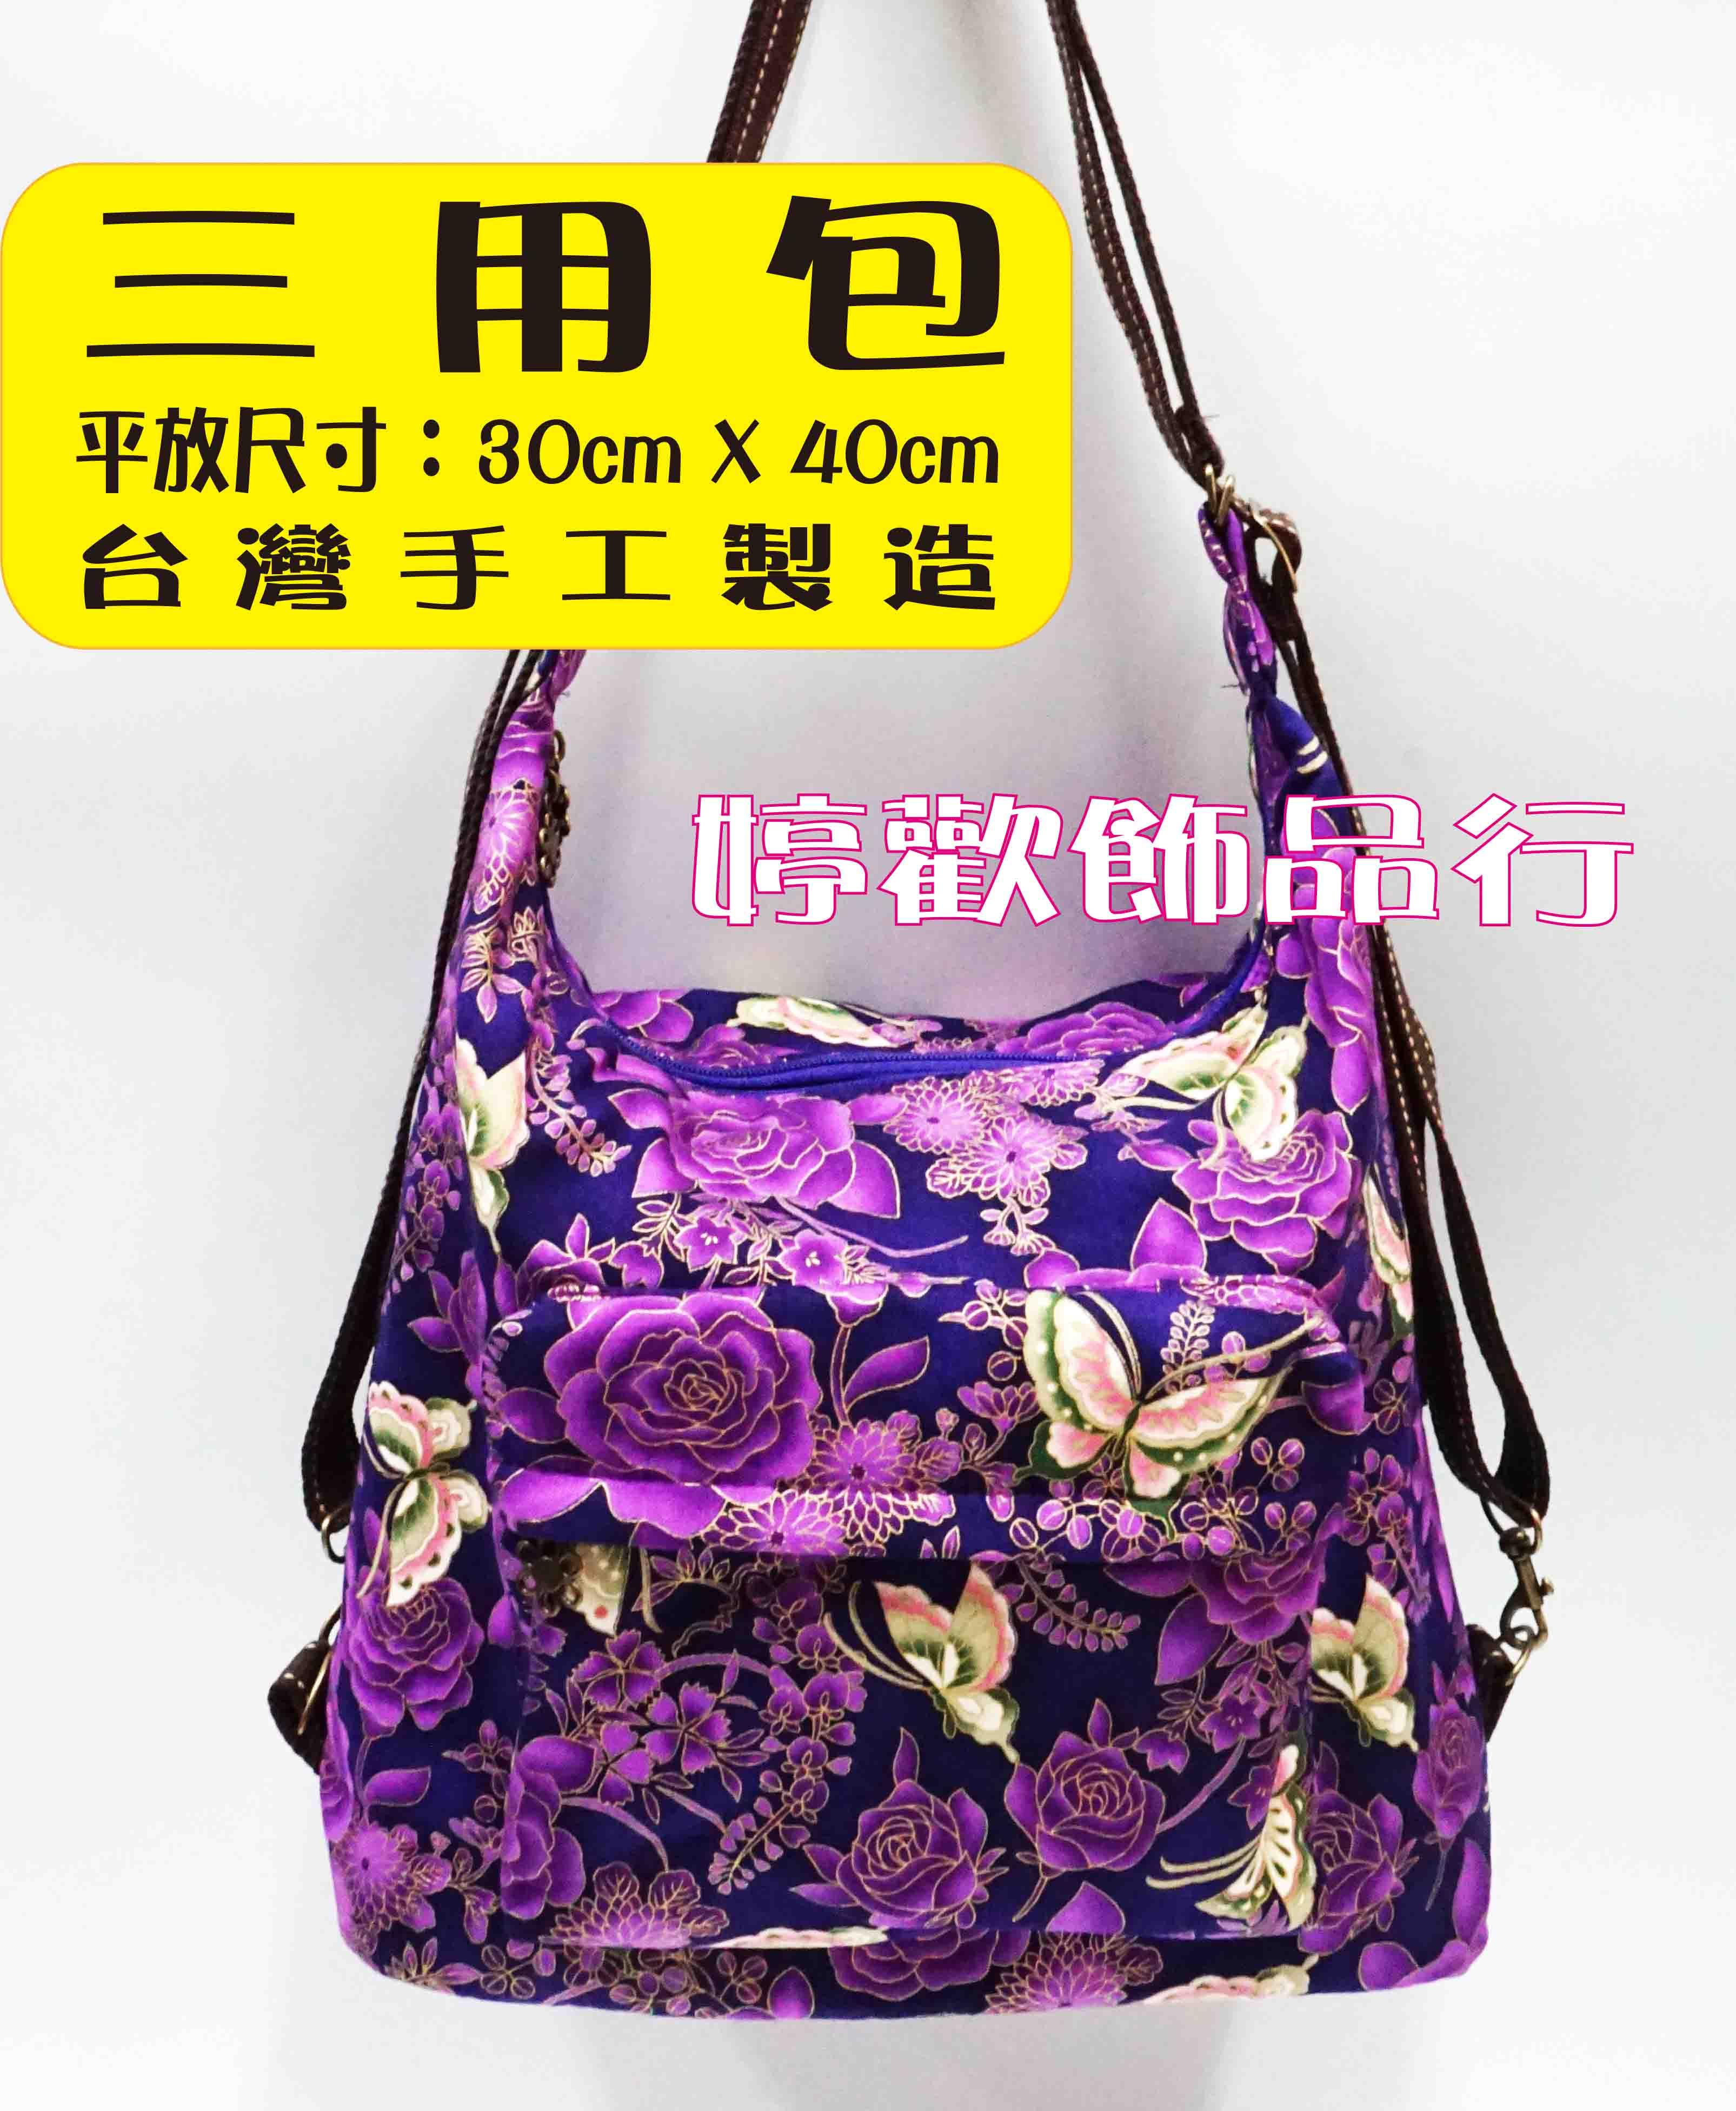 三用布包  肩背  側背  後背  旅行包  媽媽包  蝴蝶與玫瑰